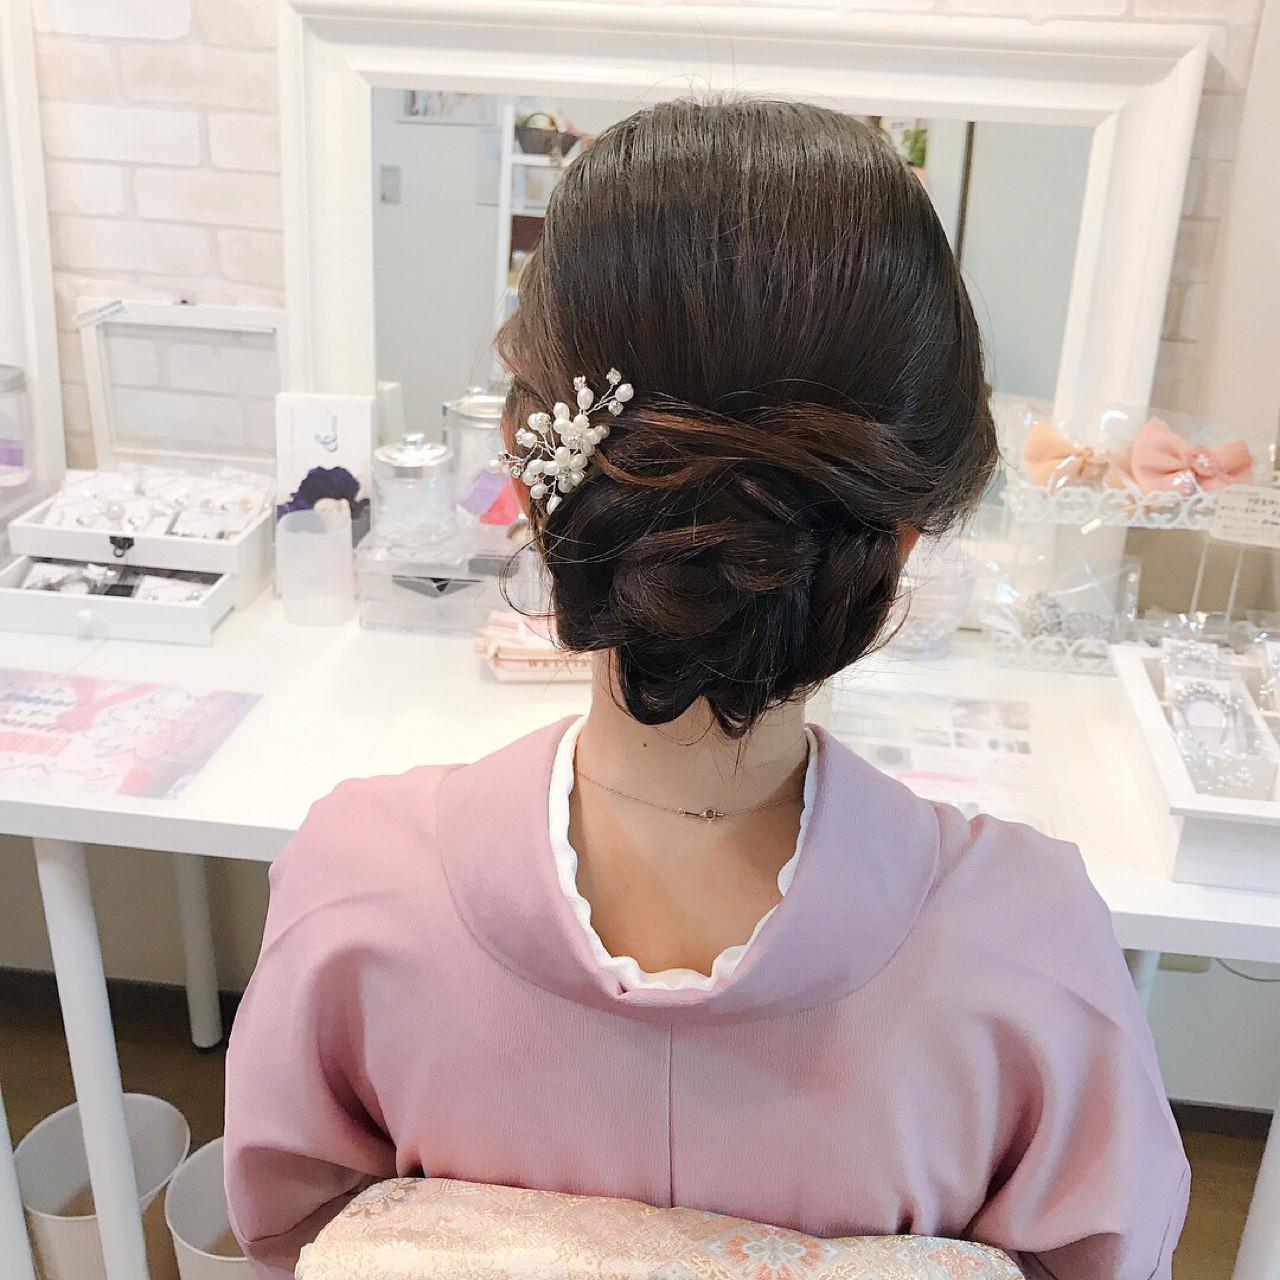 50 代 着物 髪型 結婚式 親族 Khabarplanet Com